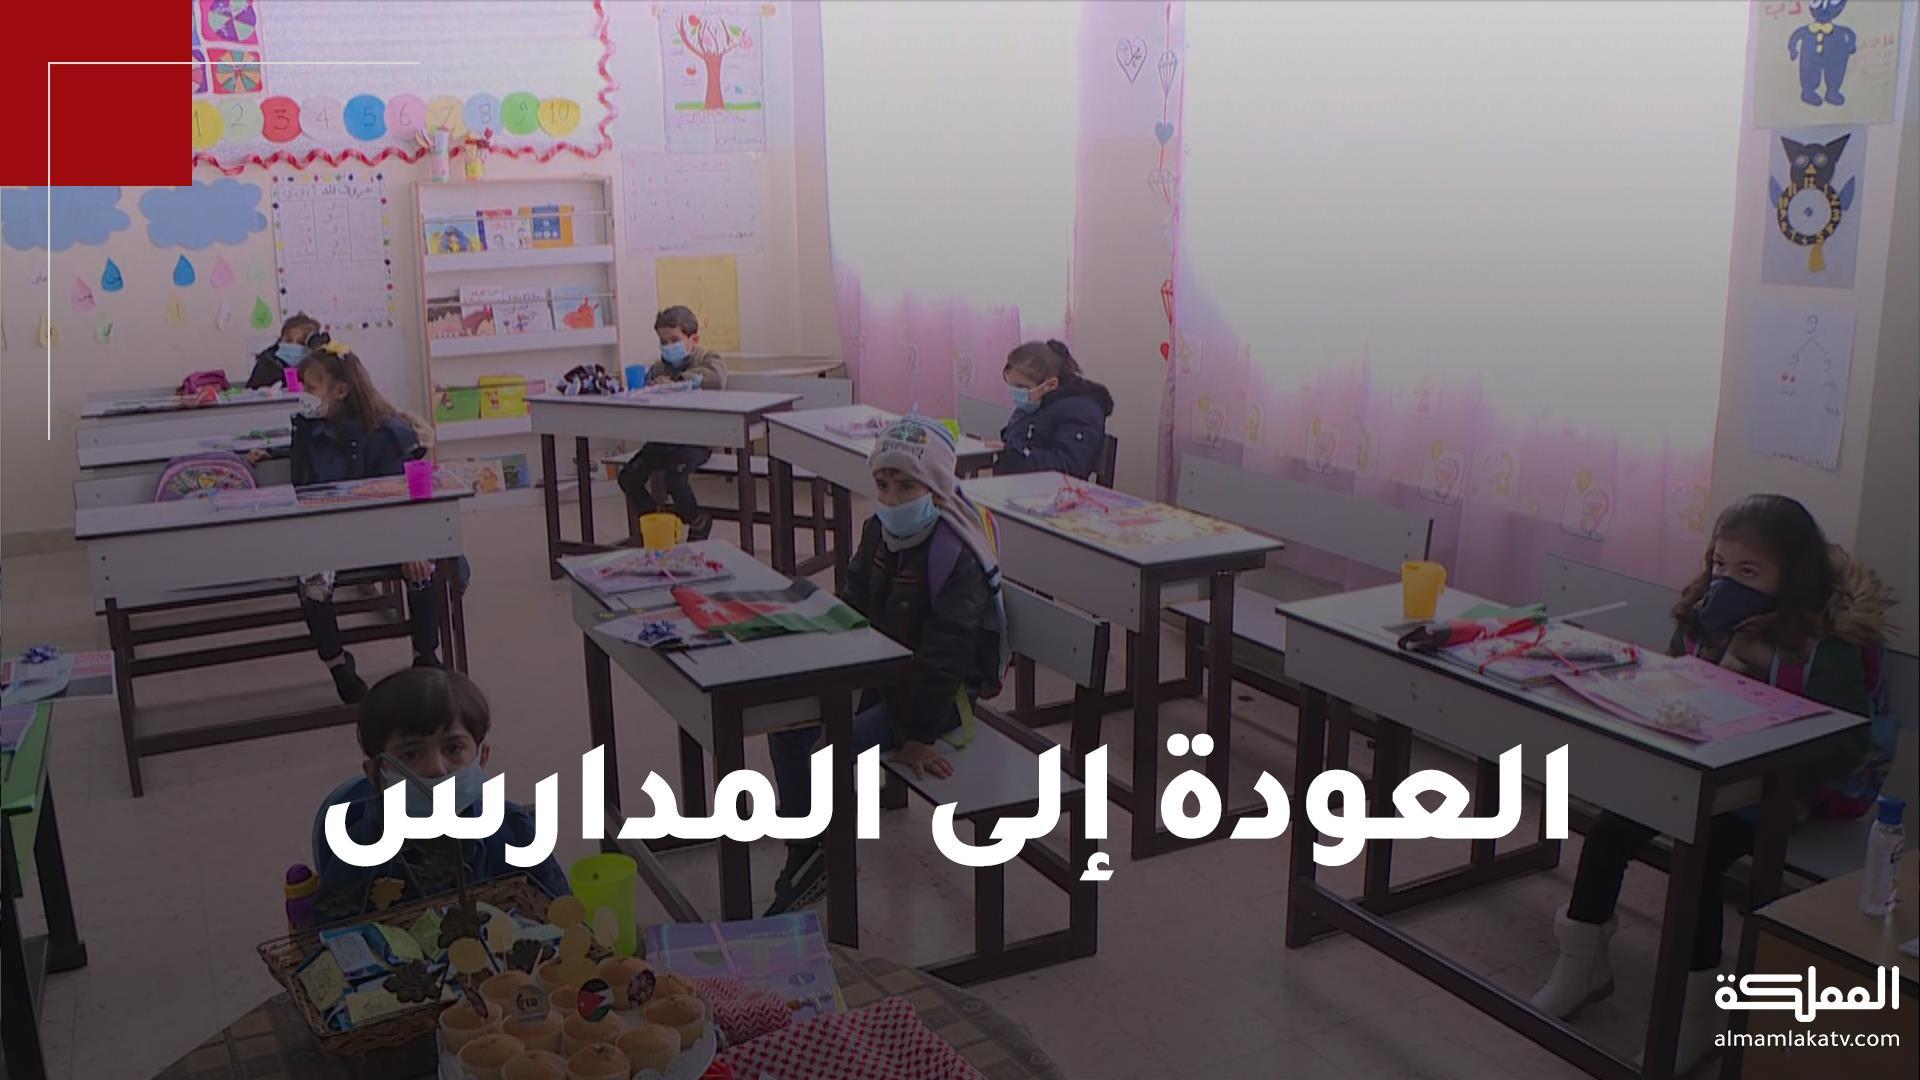 المدارس تعود لفتح أبوابها أمام الطلبة تدريجيا